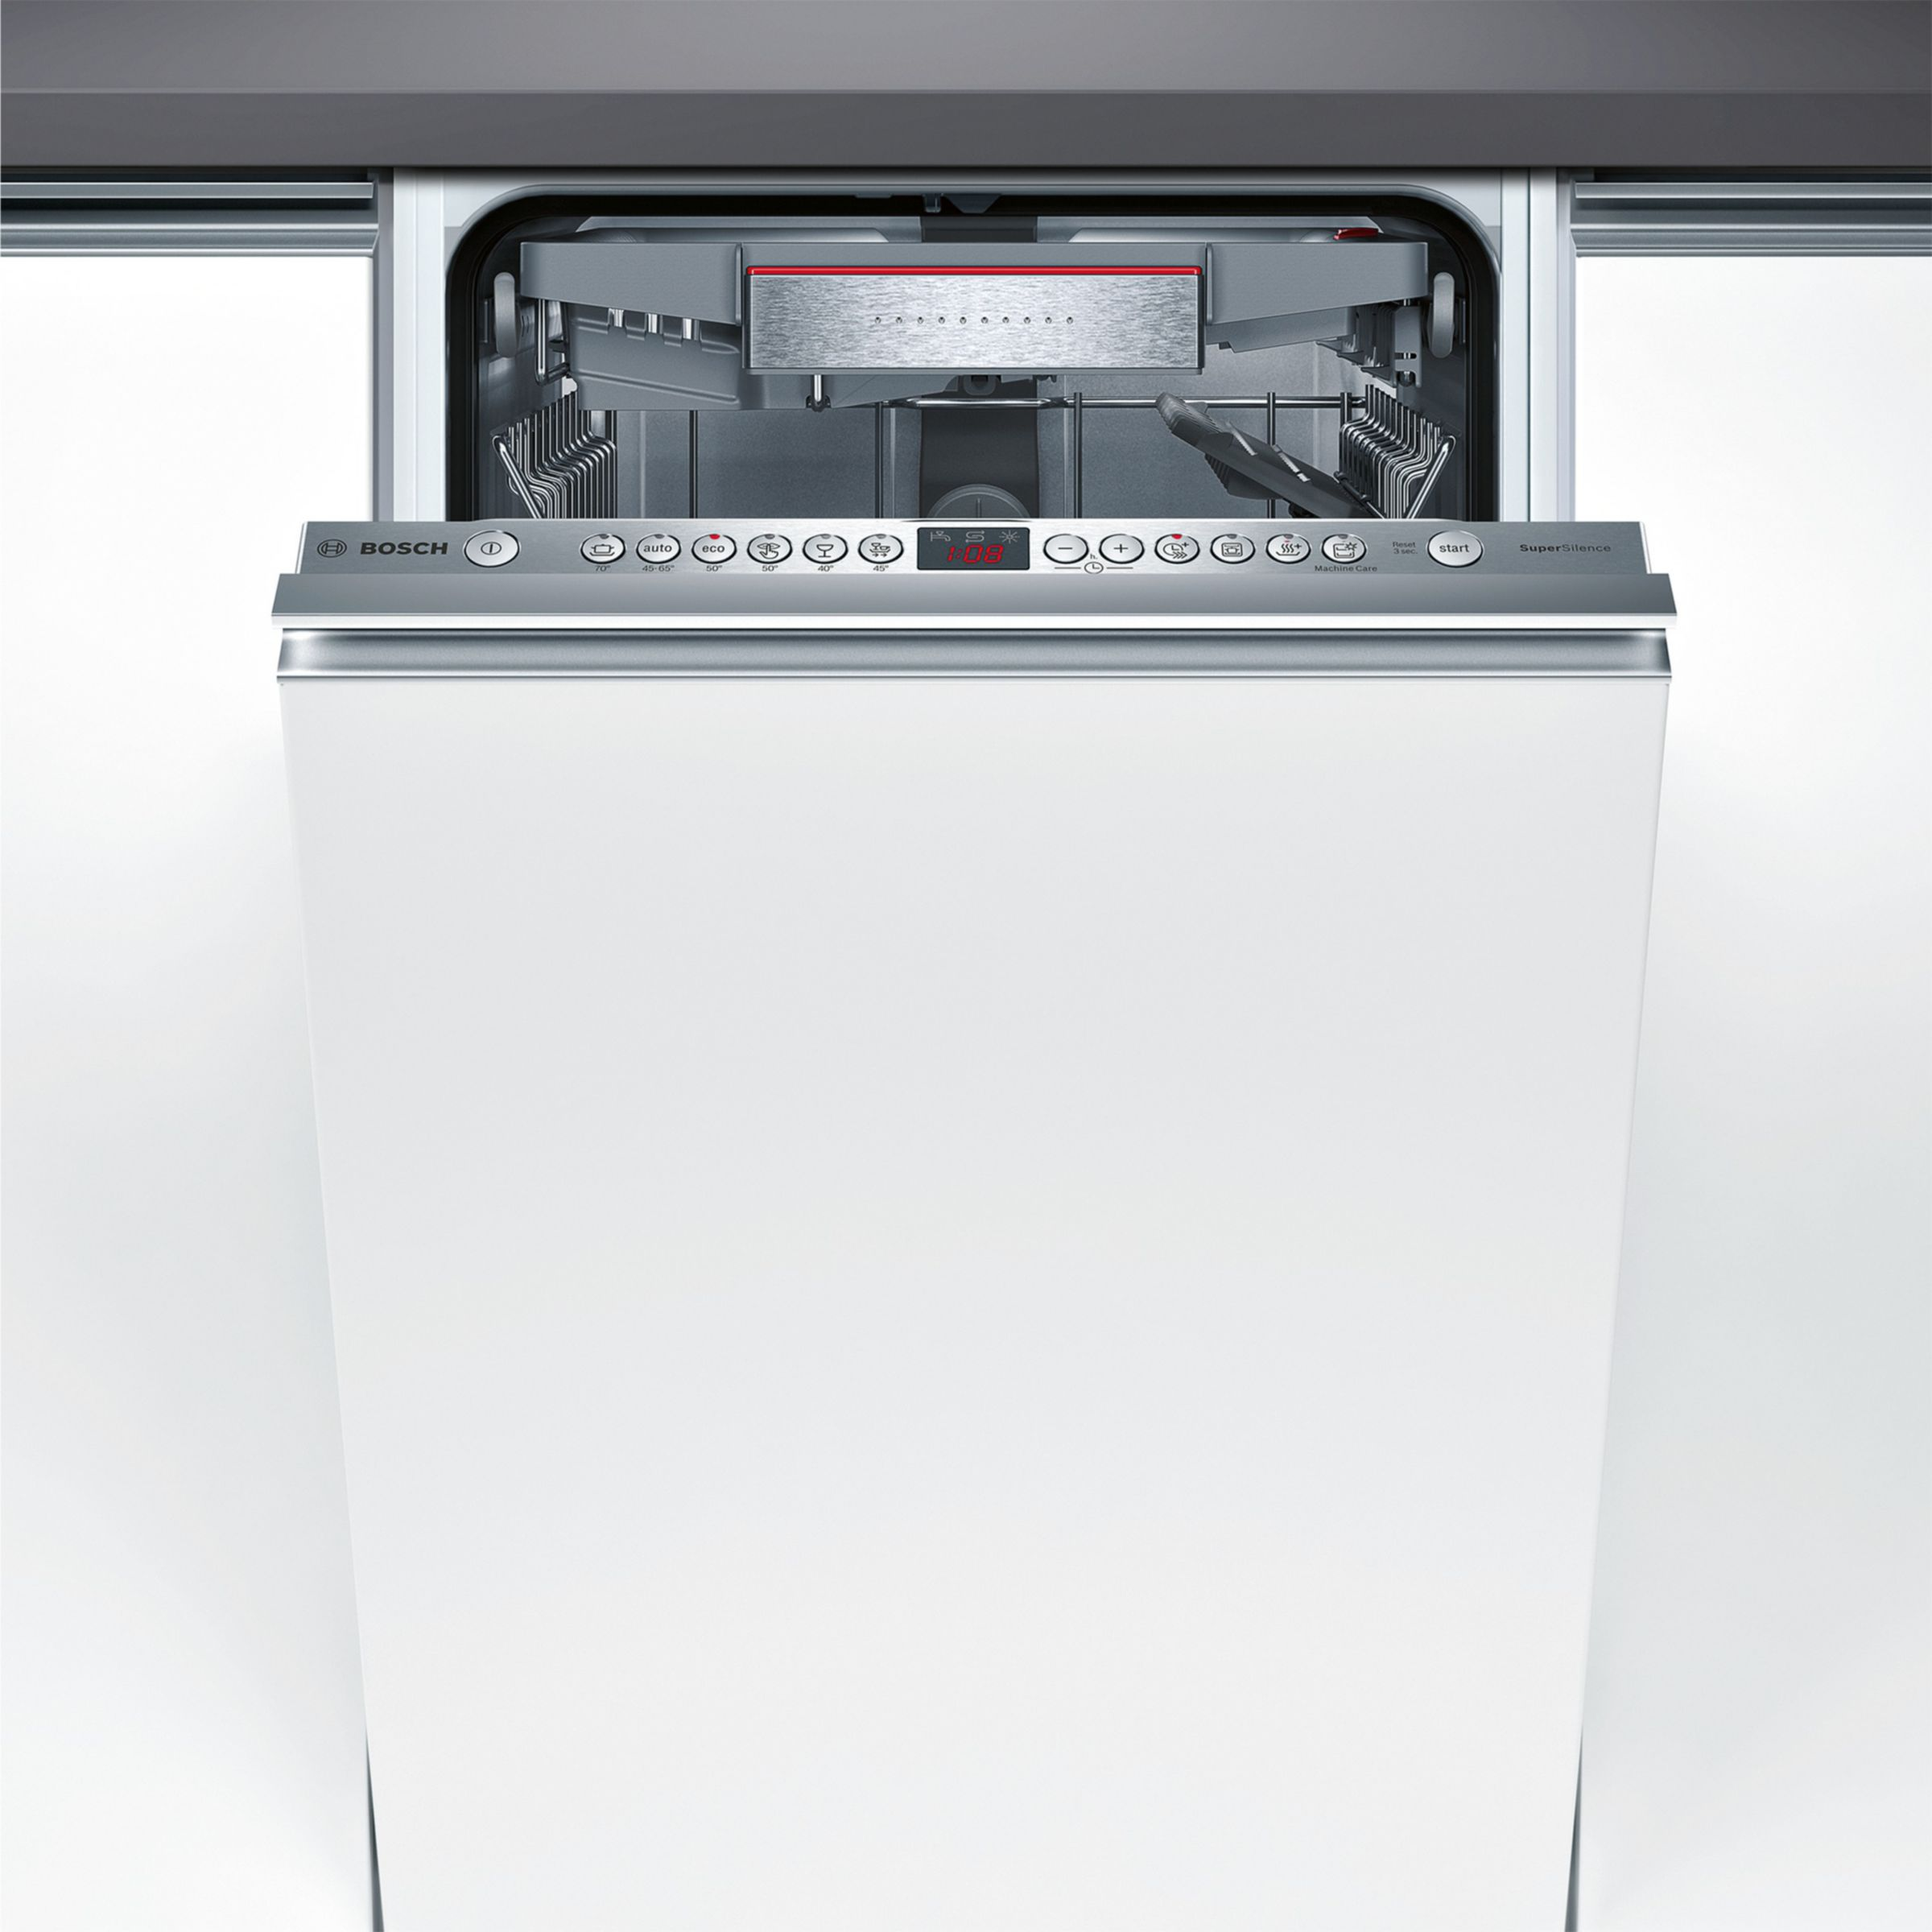 Посудомоечная машина bosch встраиваемая 45 см — обзор и отзывы